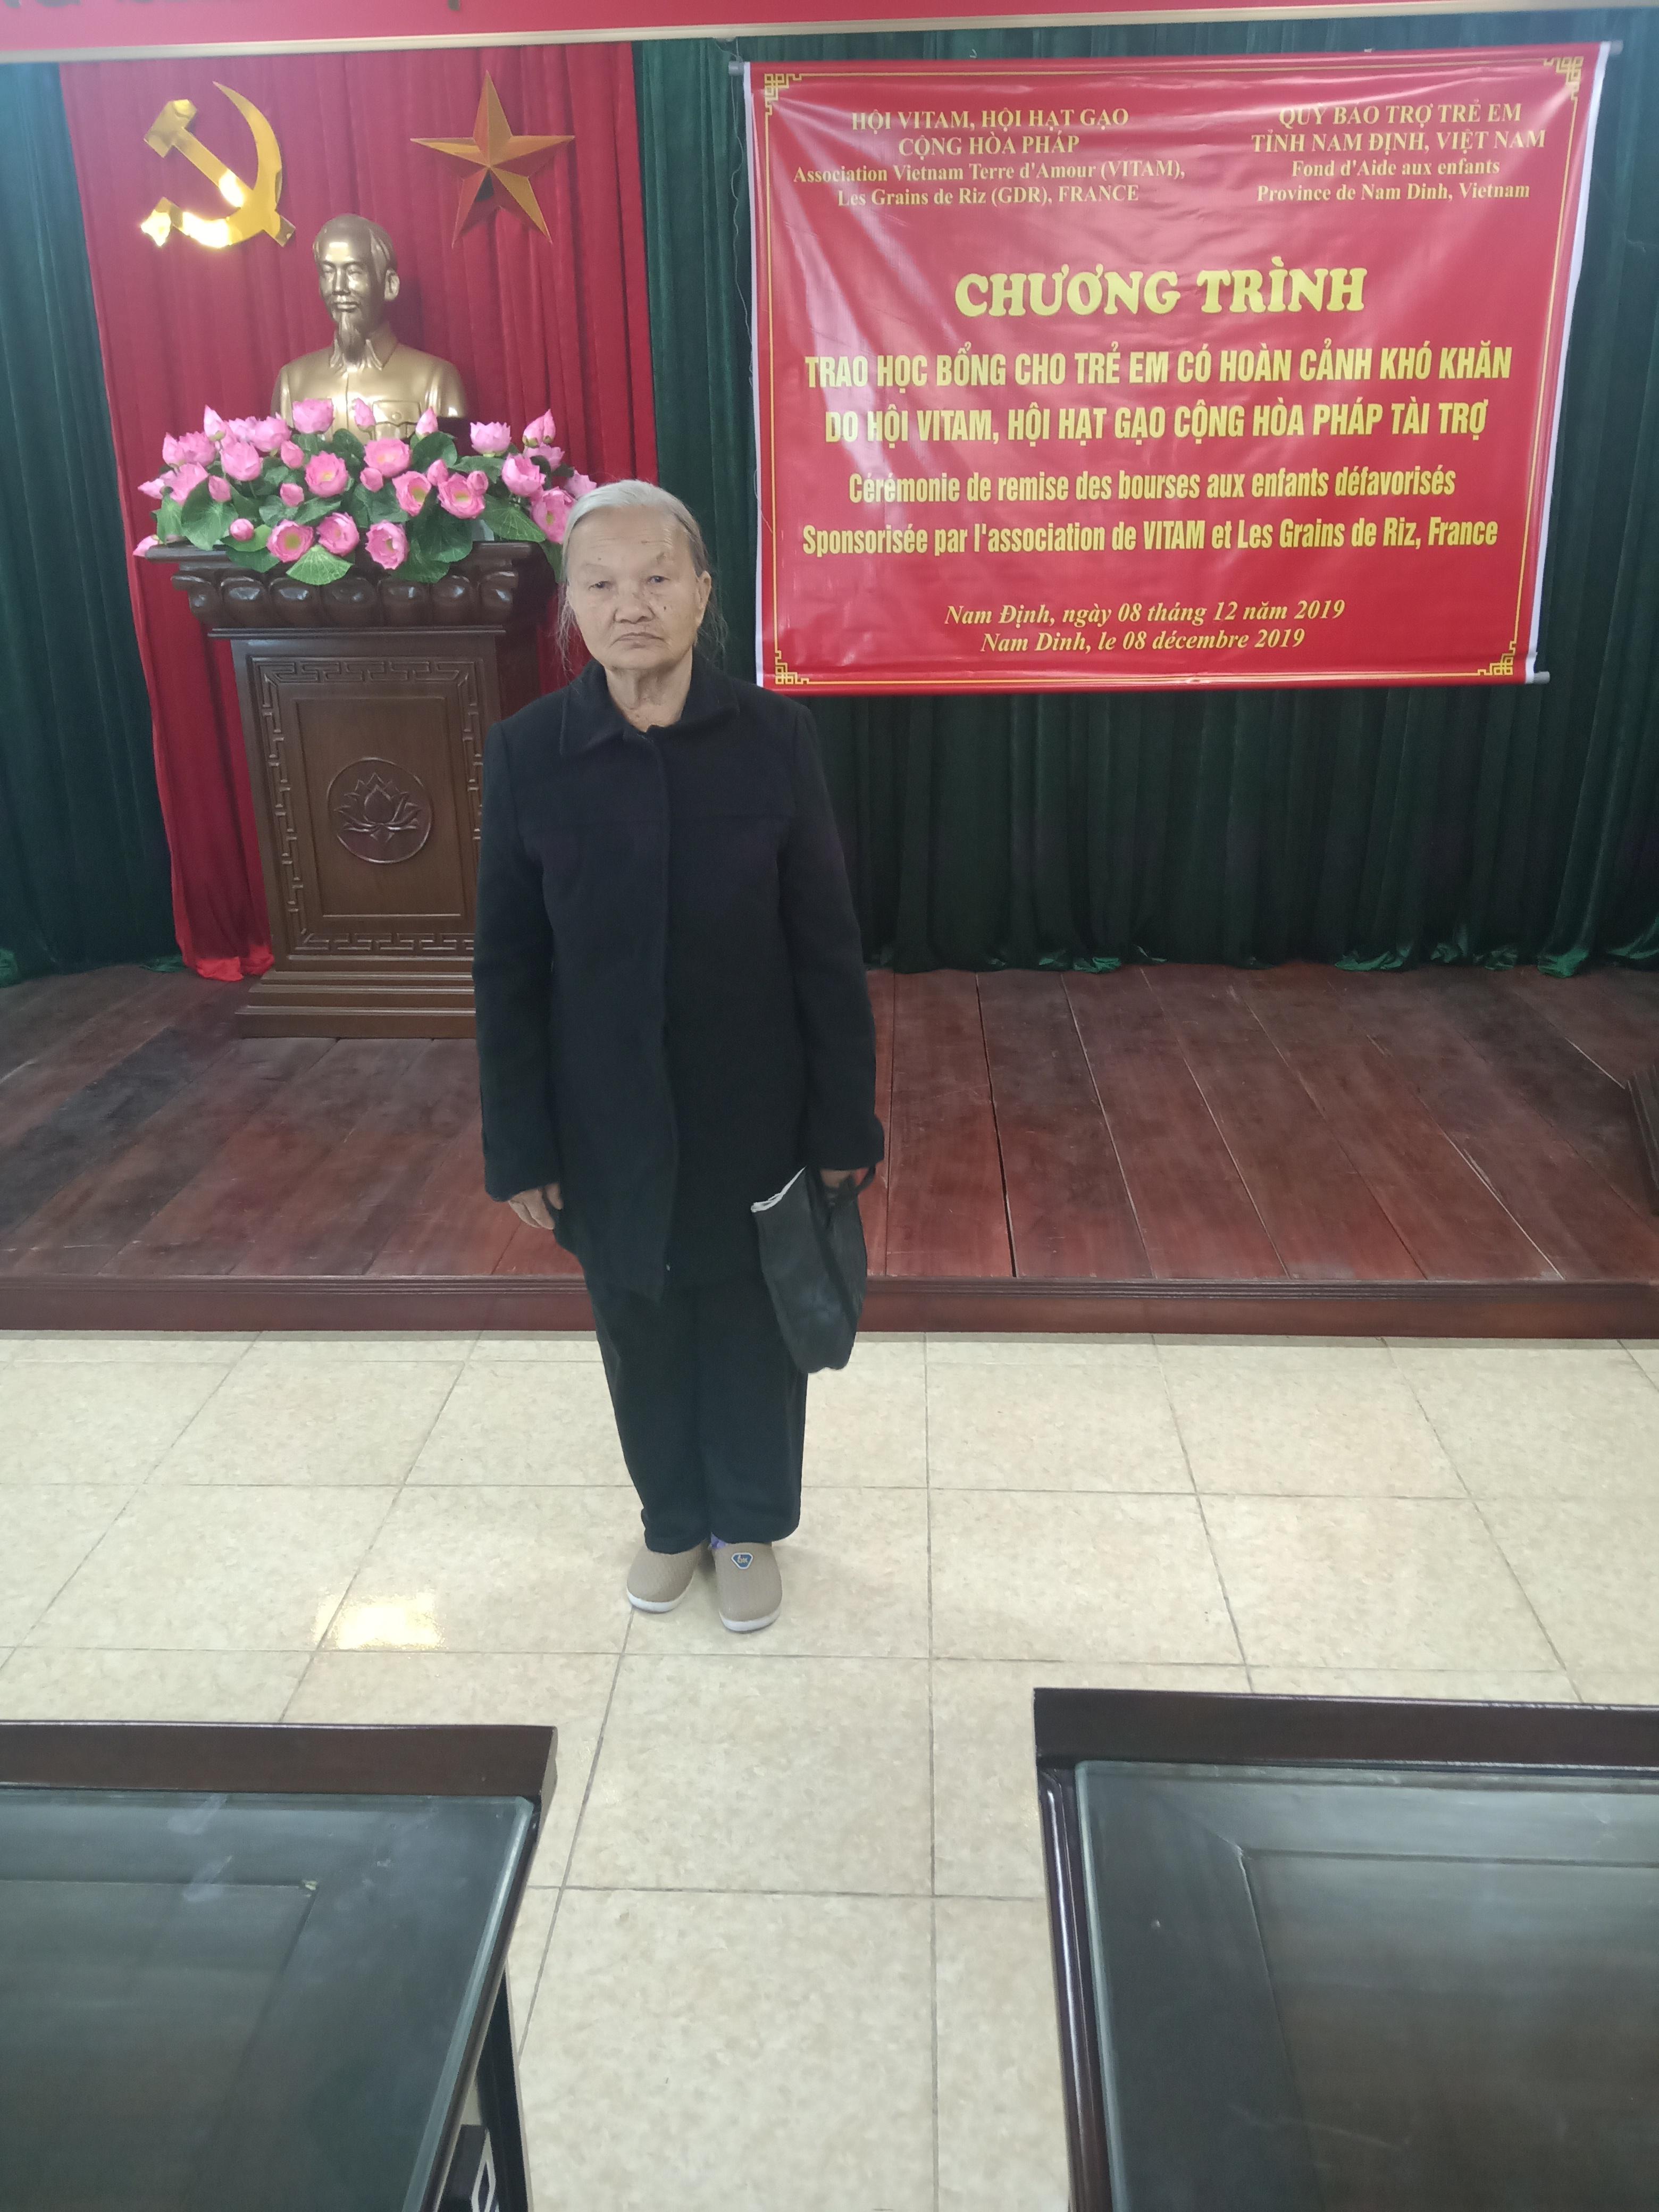 DELHOMMEAU-Gerard_Grand-mère-de-Pham-Thi-Thao